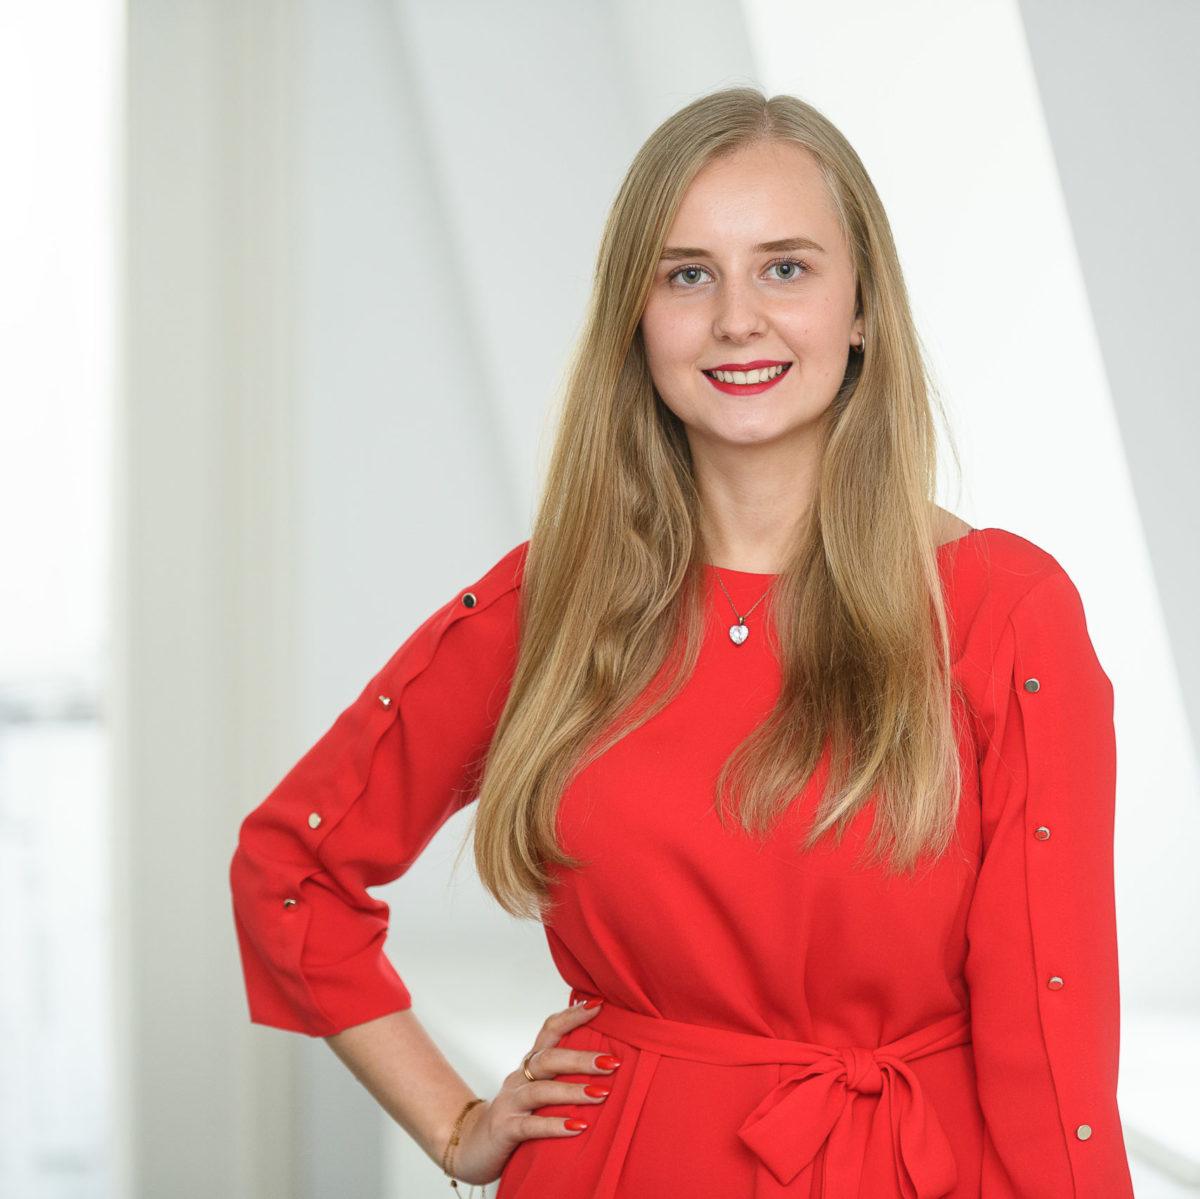 Stefanie Freiberg, Assistentin der Geschäftsbereichsleitung Finanzen und Controlling am Uniklinikum Würzburg